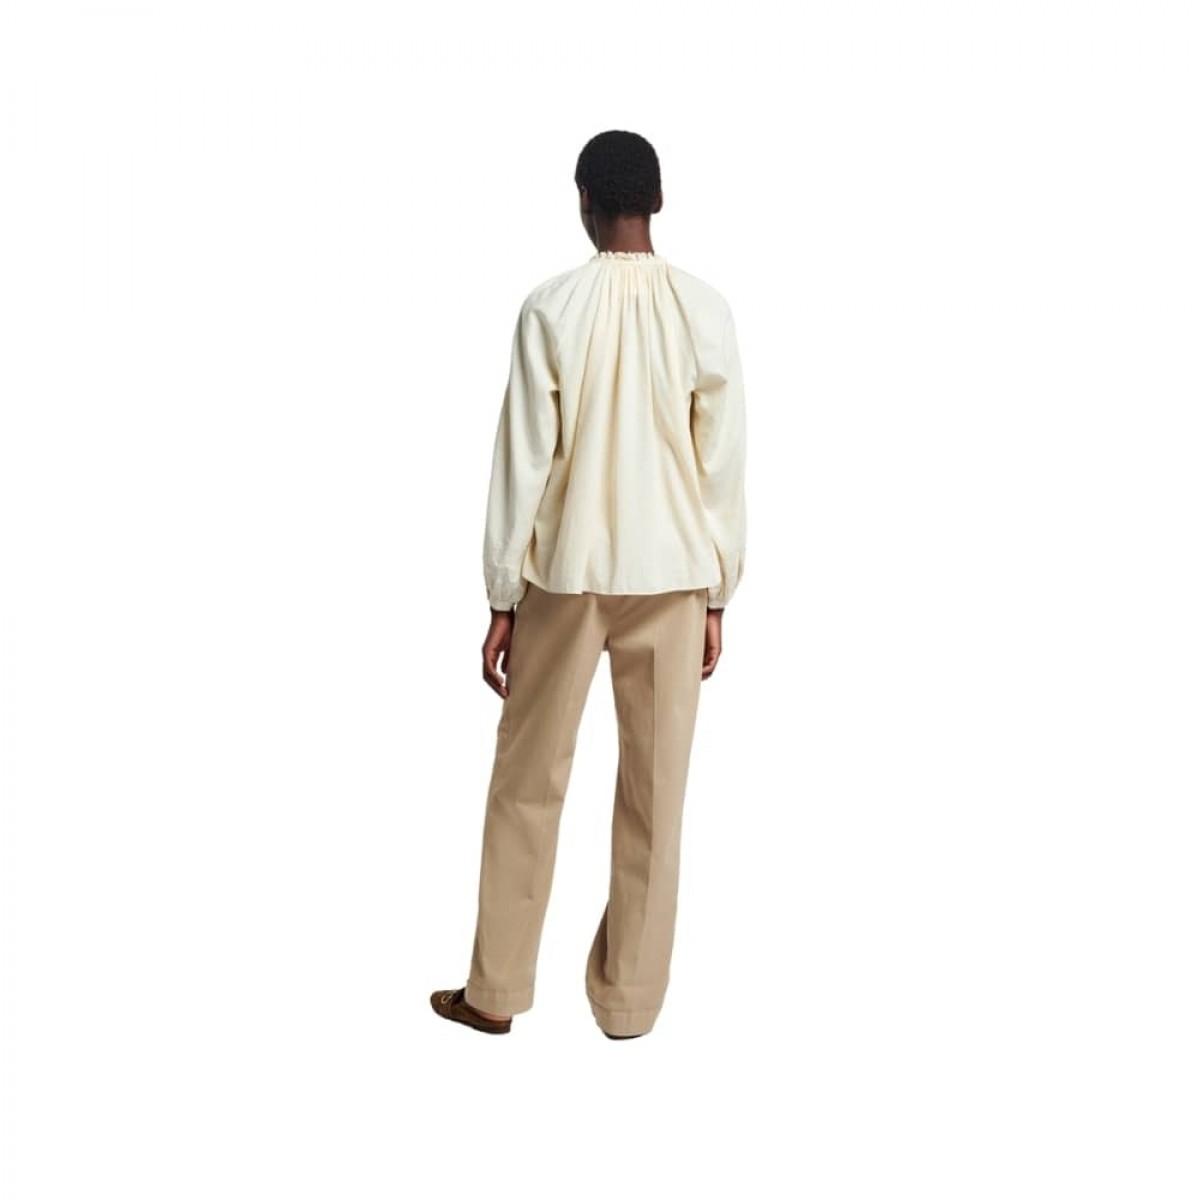 meyer bluse - ivoire - model ryggen